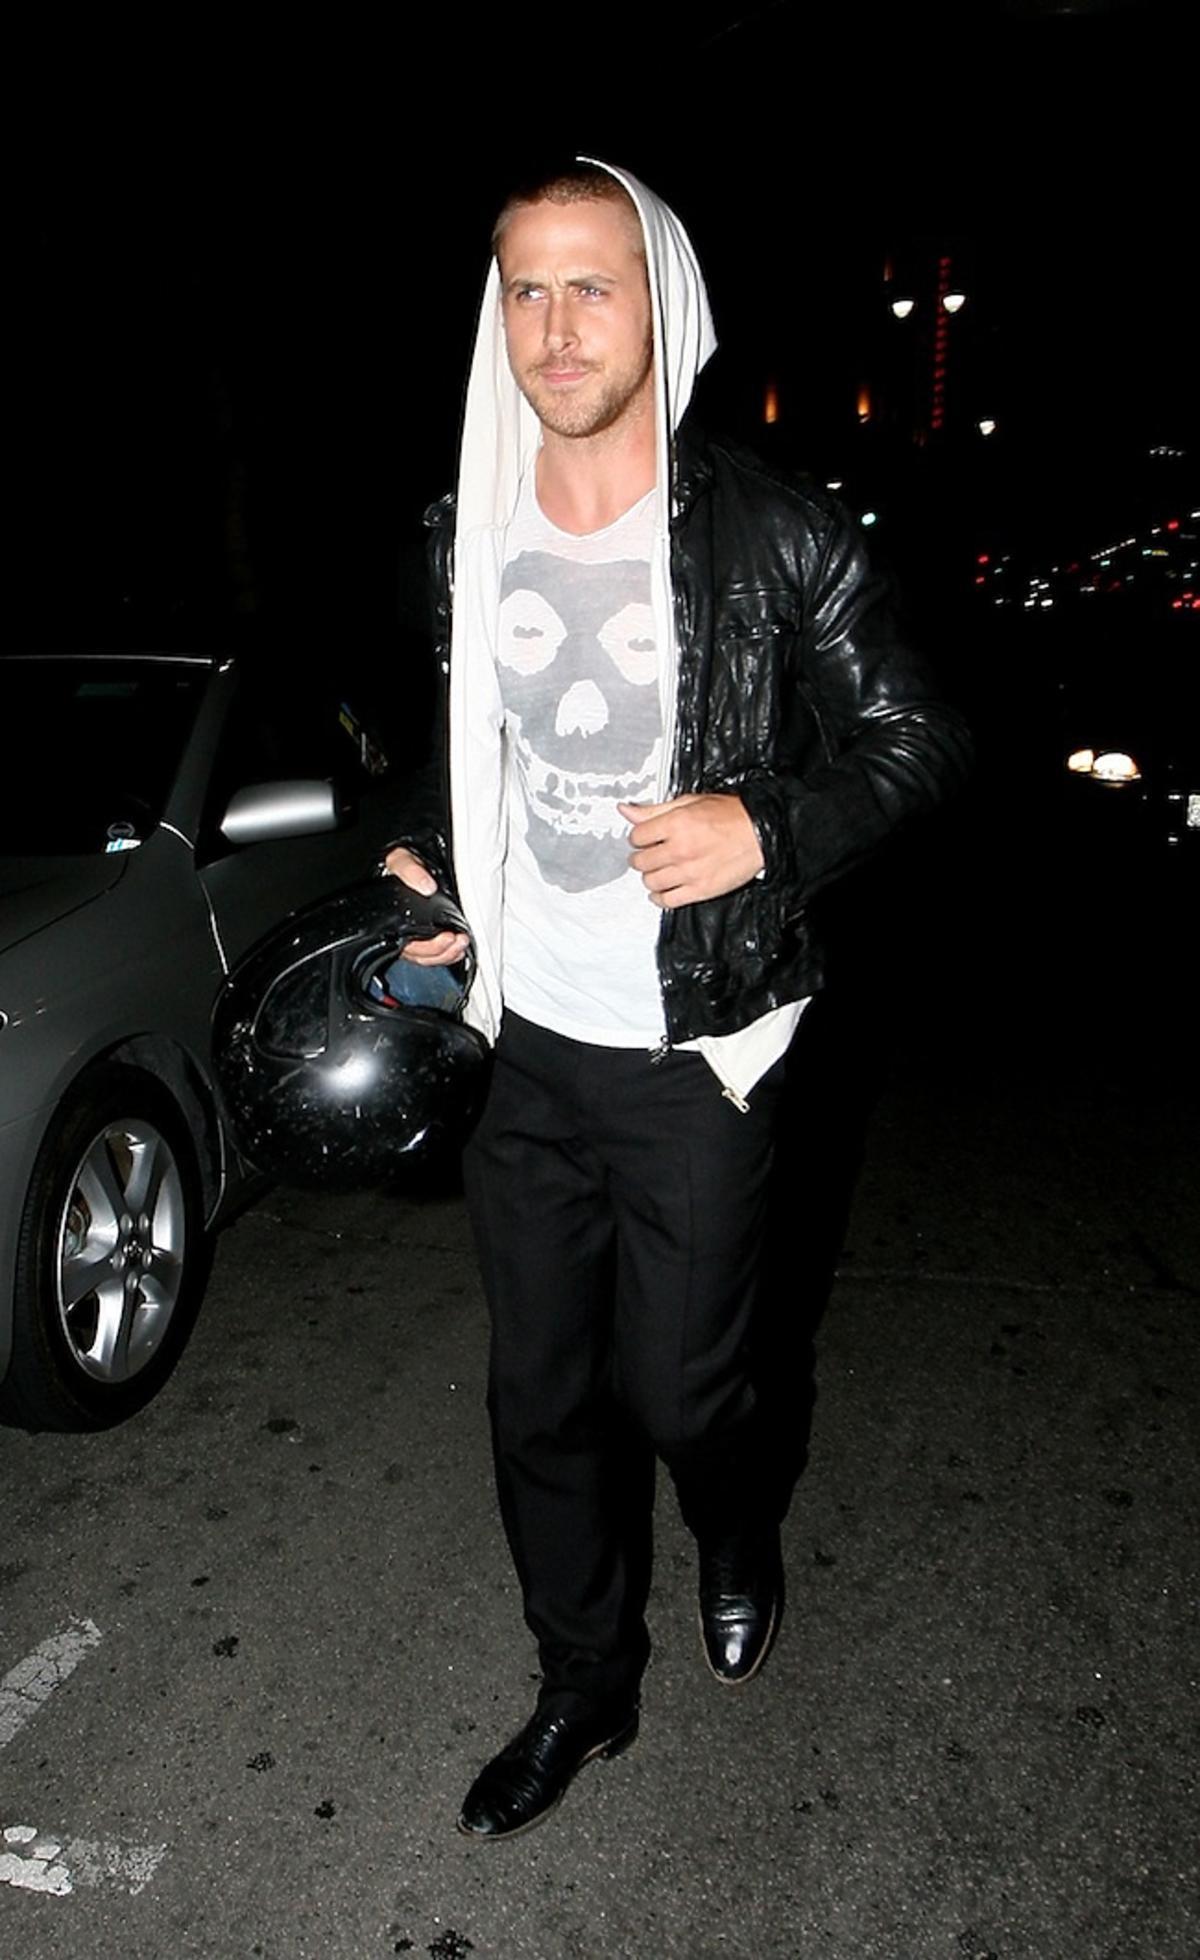 Ryan Gosling w klubie nocnym rozchwytywany przez fanki Paparazzi